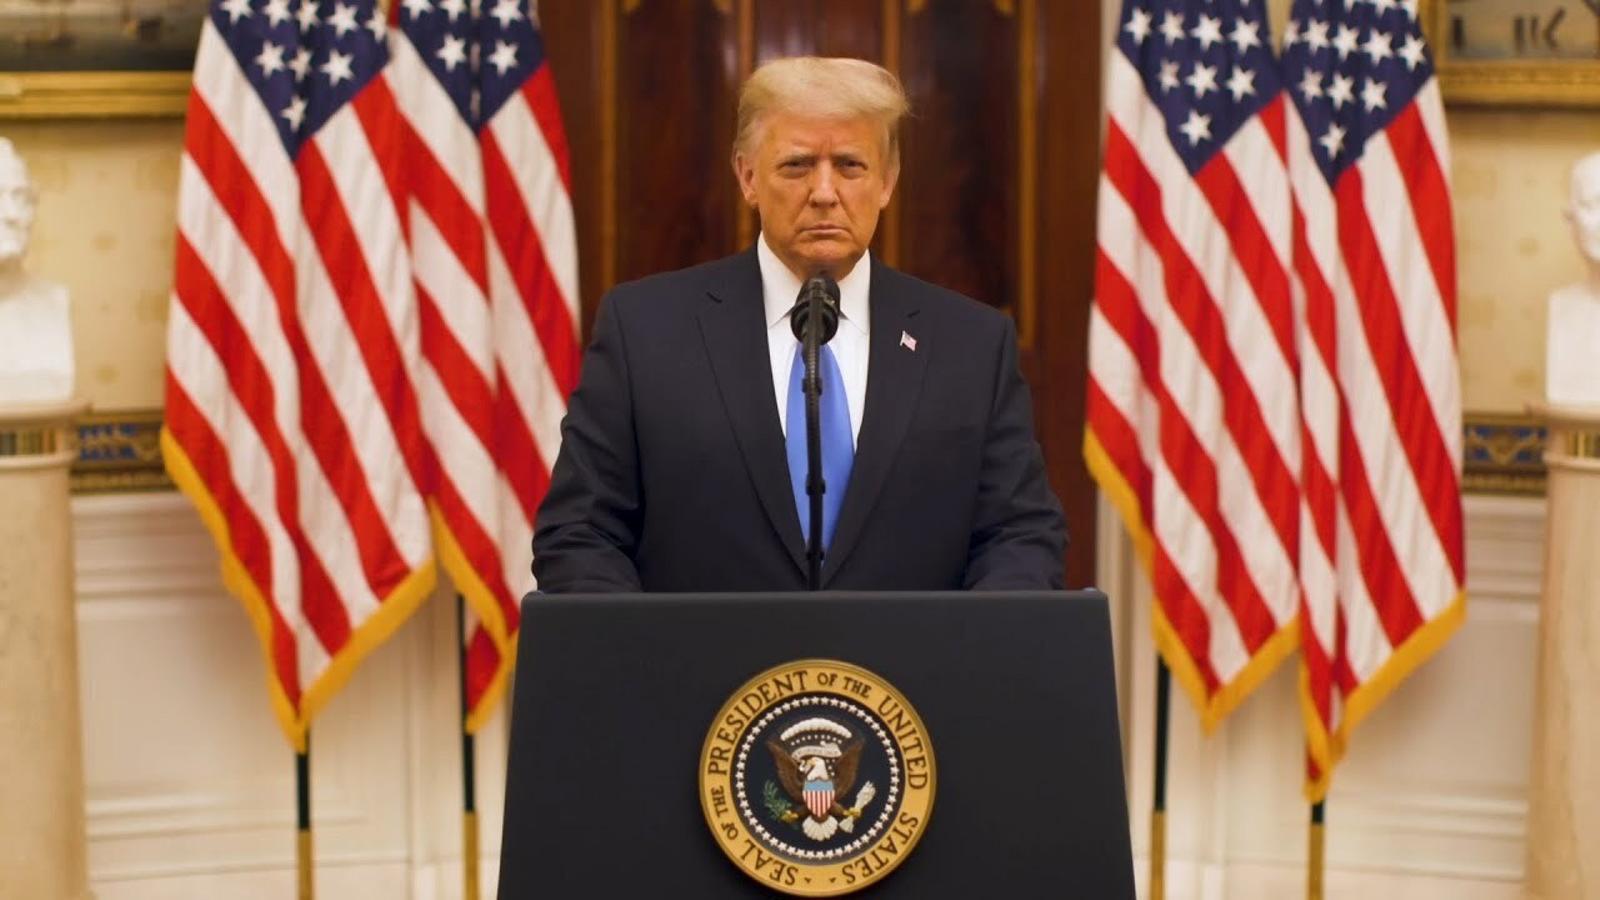 L'últim discurs de Donald Trump com a president